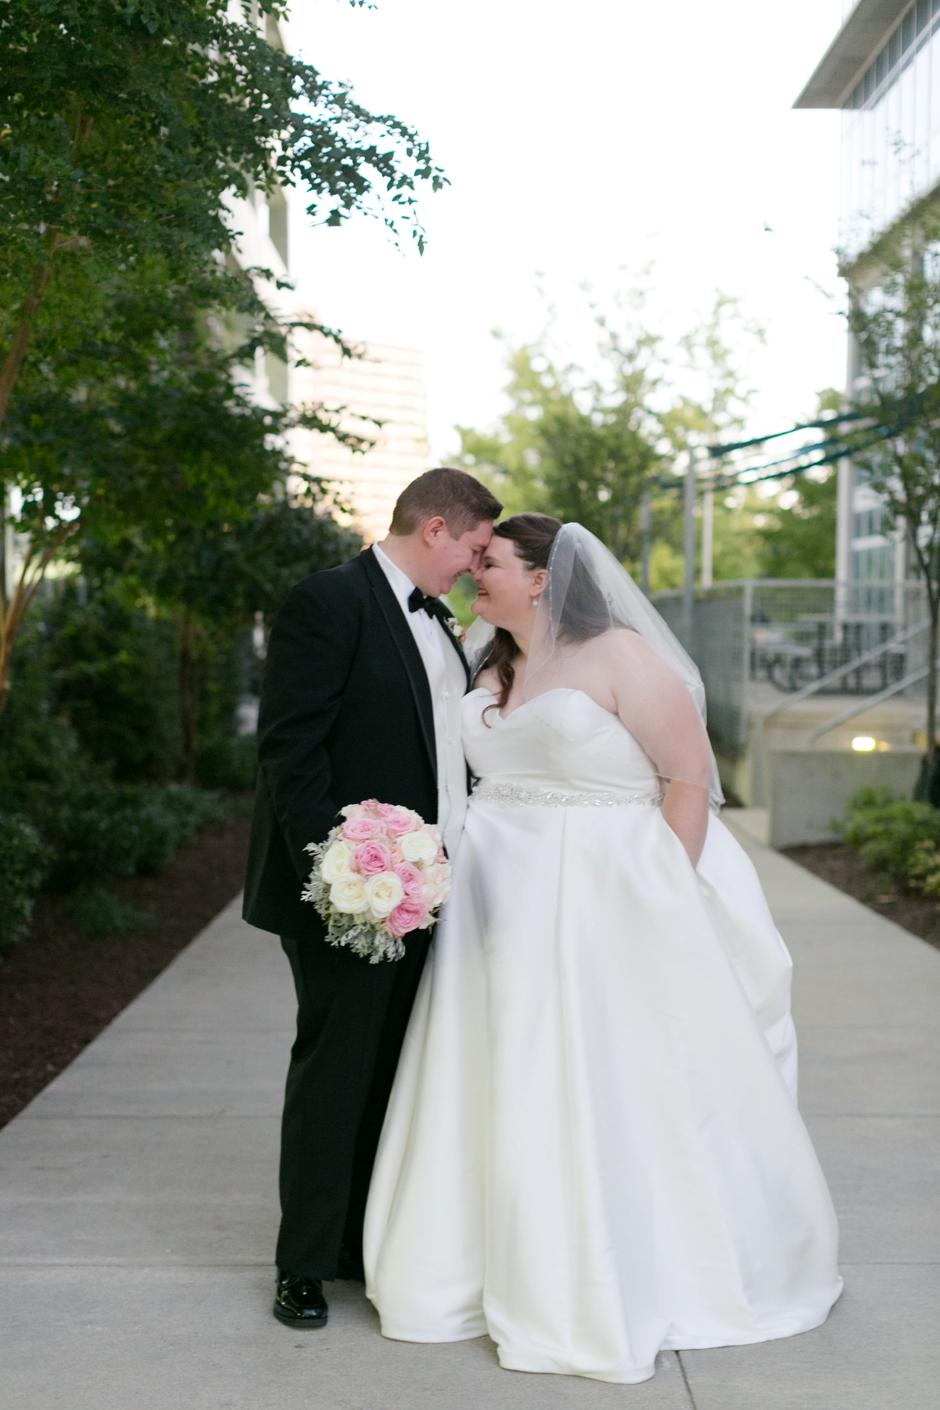 the-foundry-glassworks-wedding-119.jpg